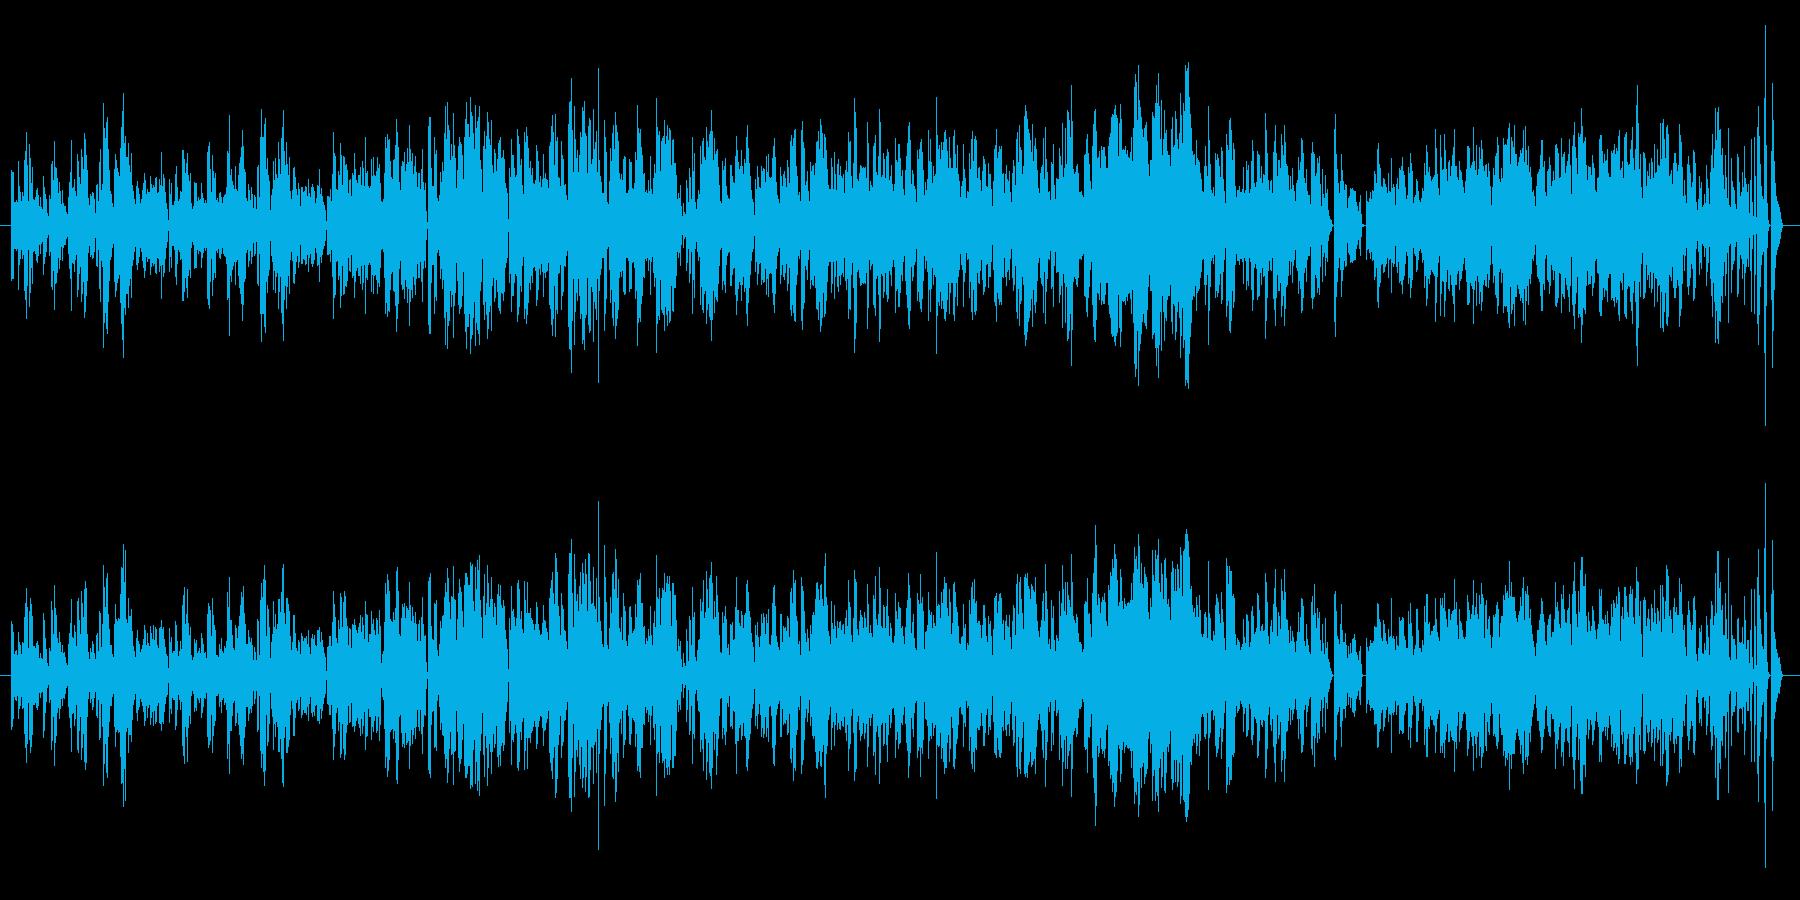 朗らかで快活なピアノソロ曲の再生済みの波形